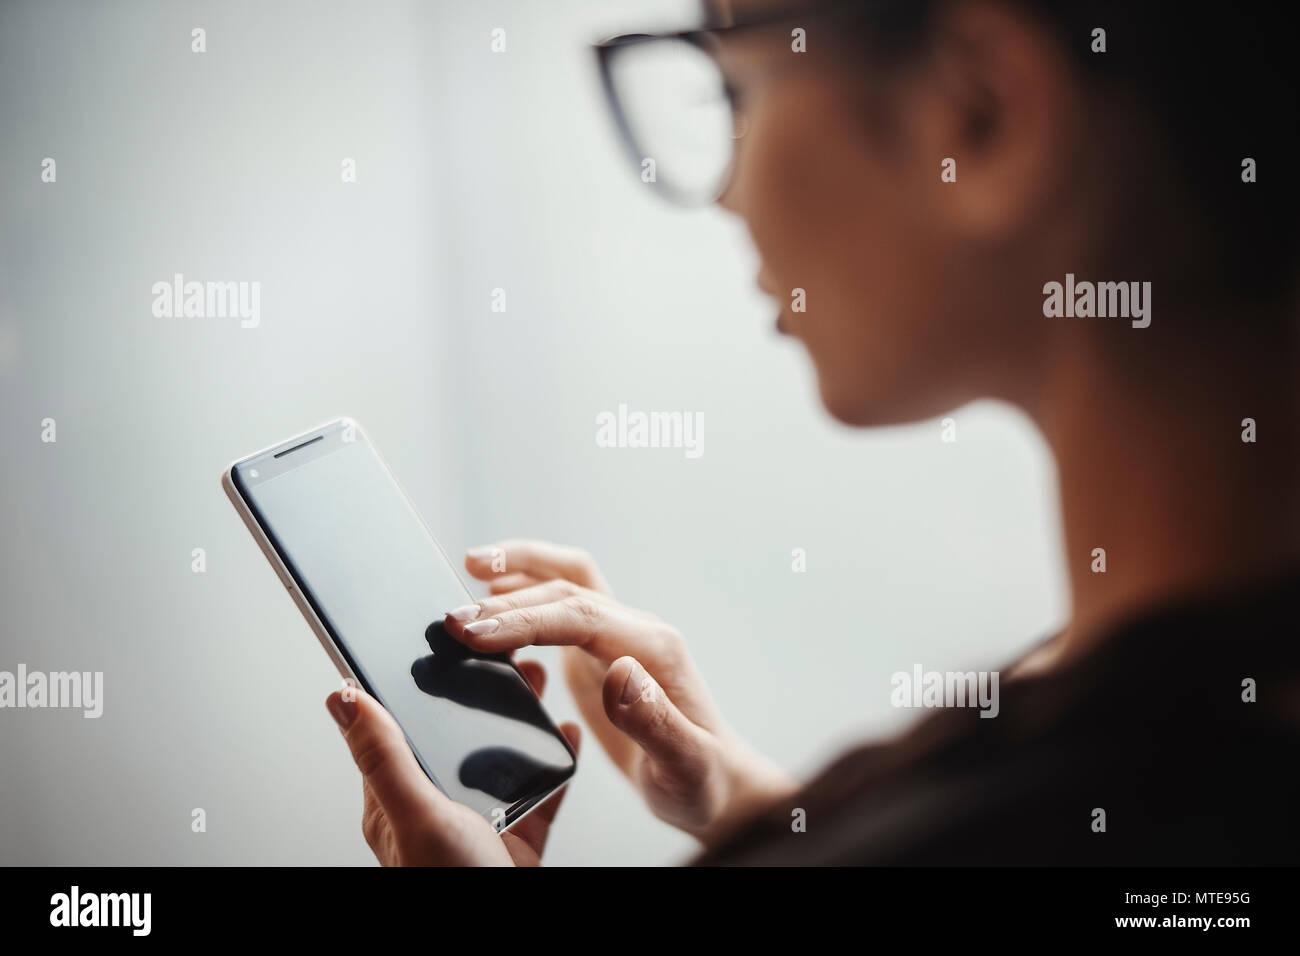 Junge brünette Mädchen mit Brille holding Handy- und Entriegelung. Mädchen ist auf Vorder- und verschwommen, mobile ist auf Hintergrund und Fokus. Stockbild